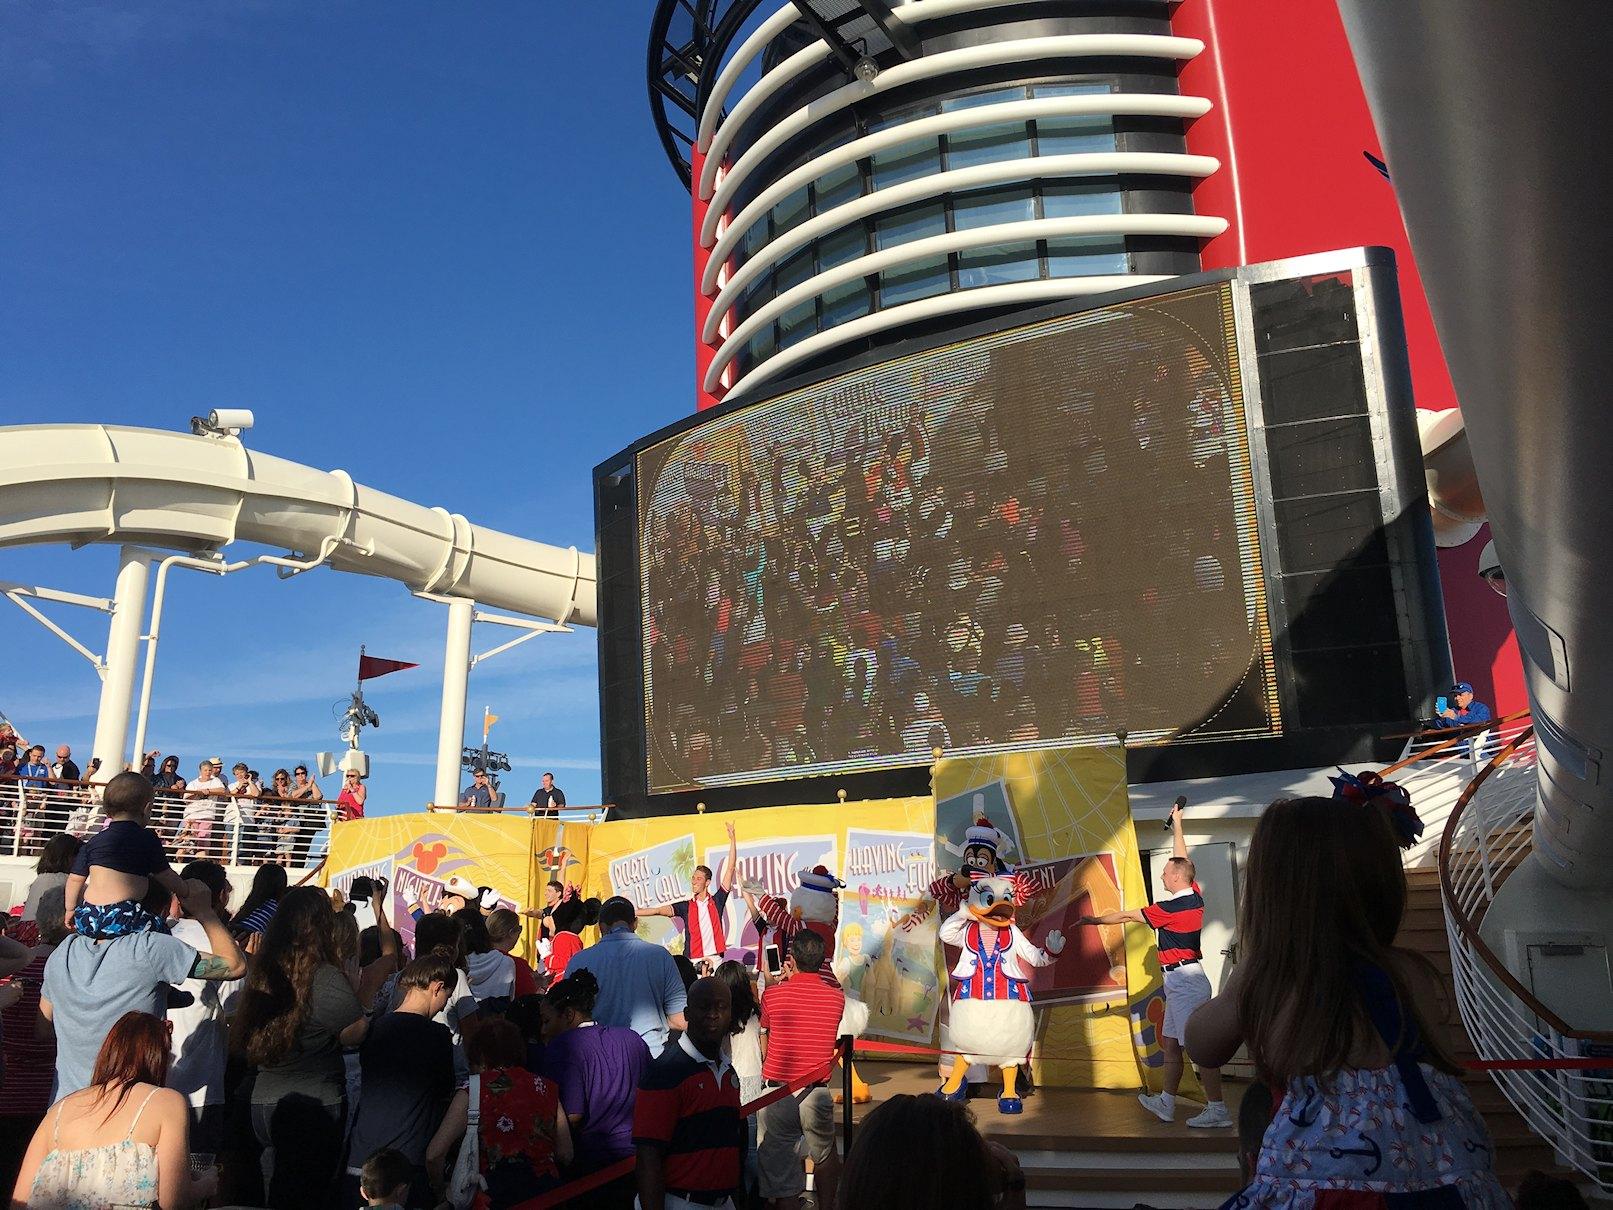 Impreza powitalna na statku Disney Dream